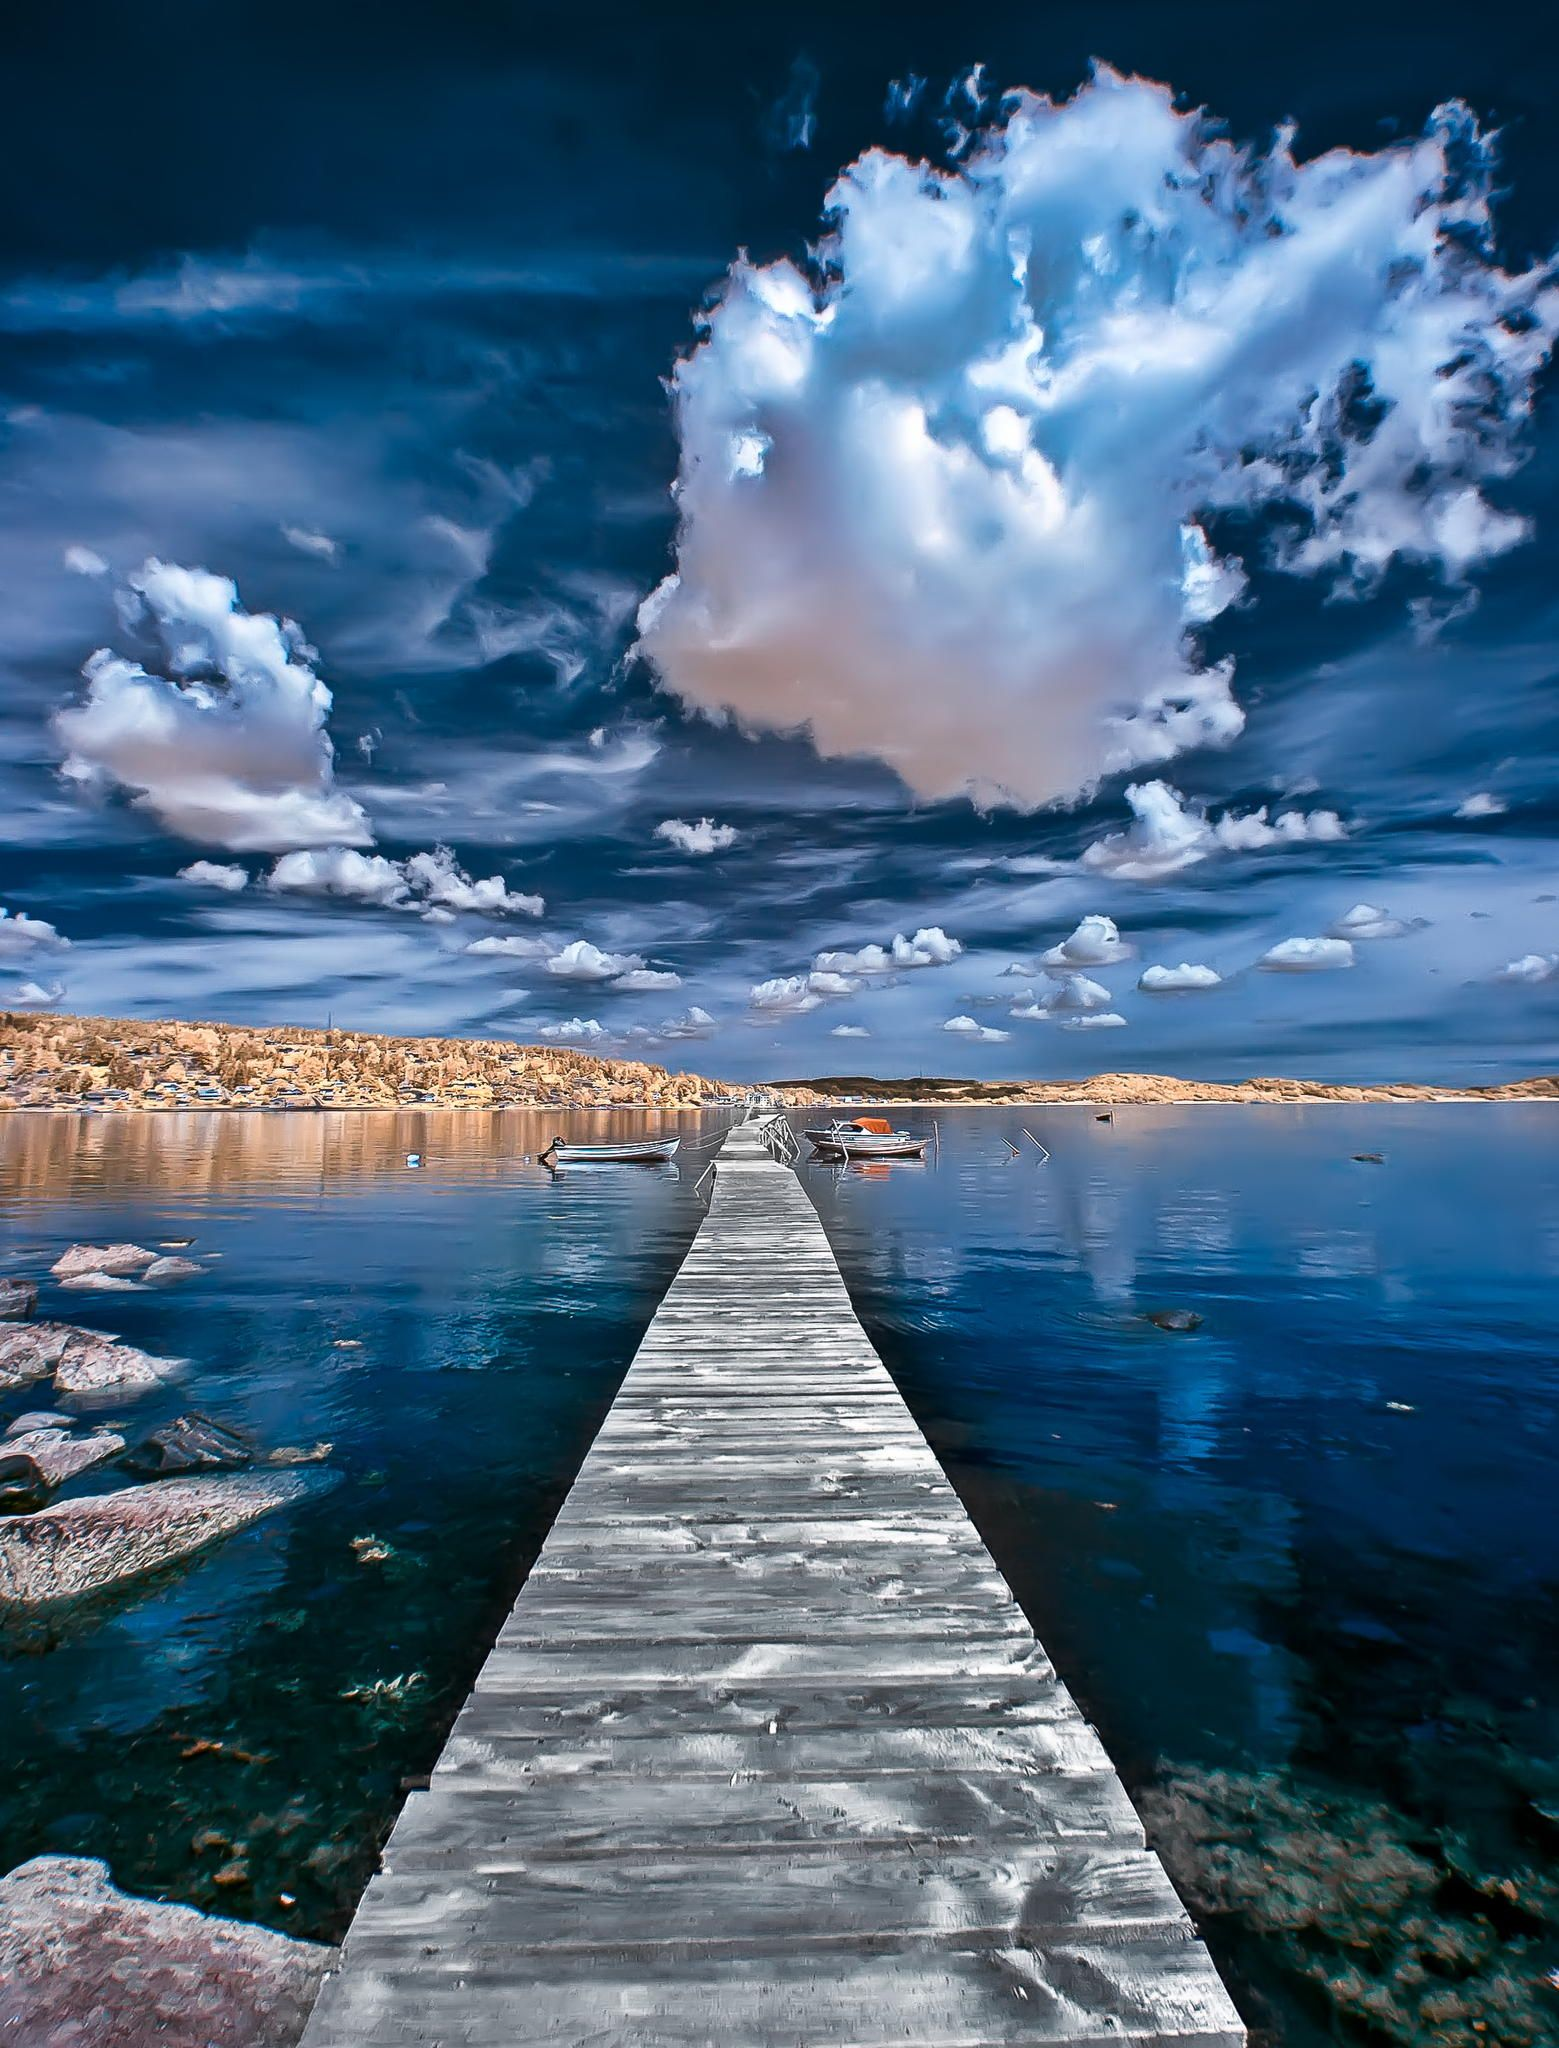 Kristevik Ir Photography Beautiful Nature Pictures Ir Photography